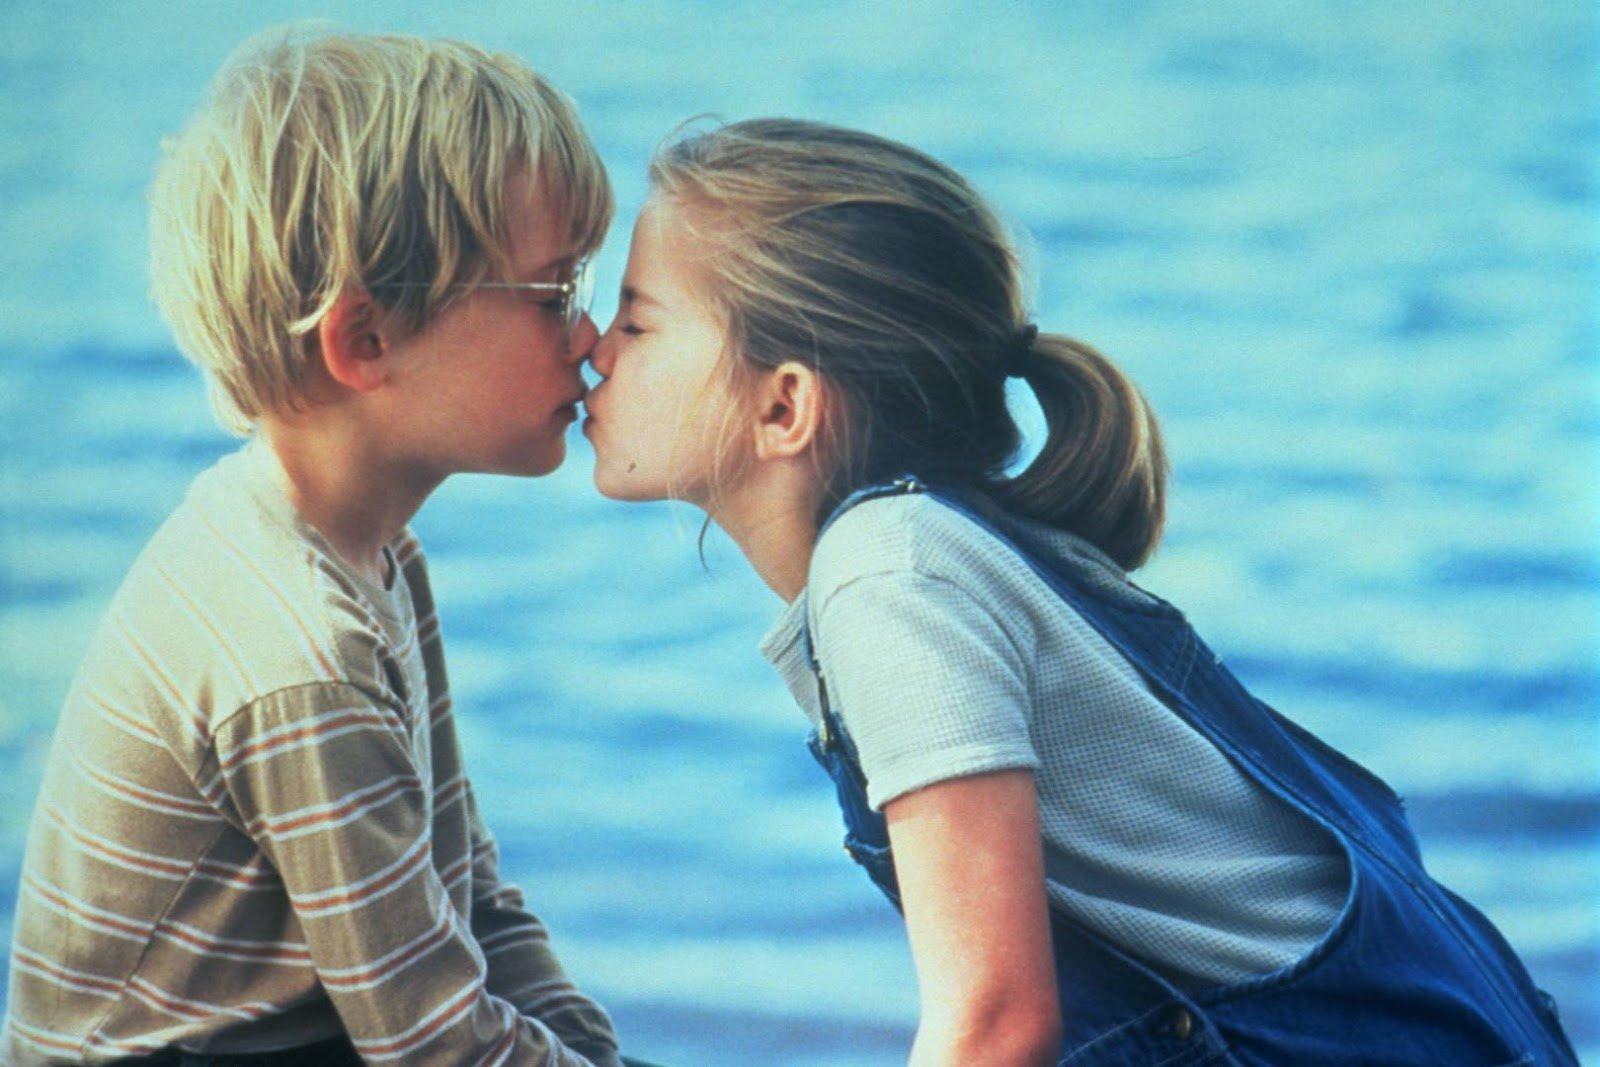 Por que viramos a cabeça para a direita quando vamos beijar alguém?